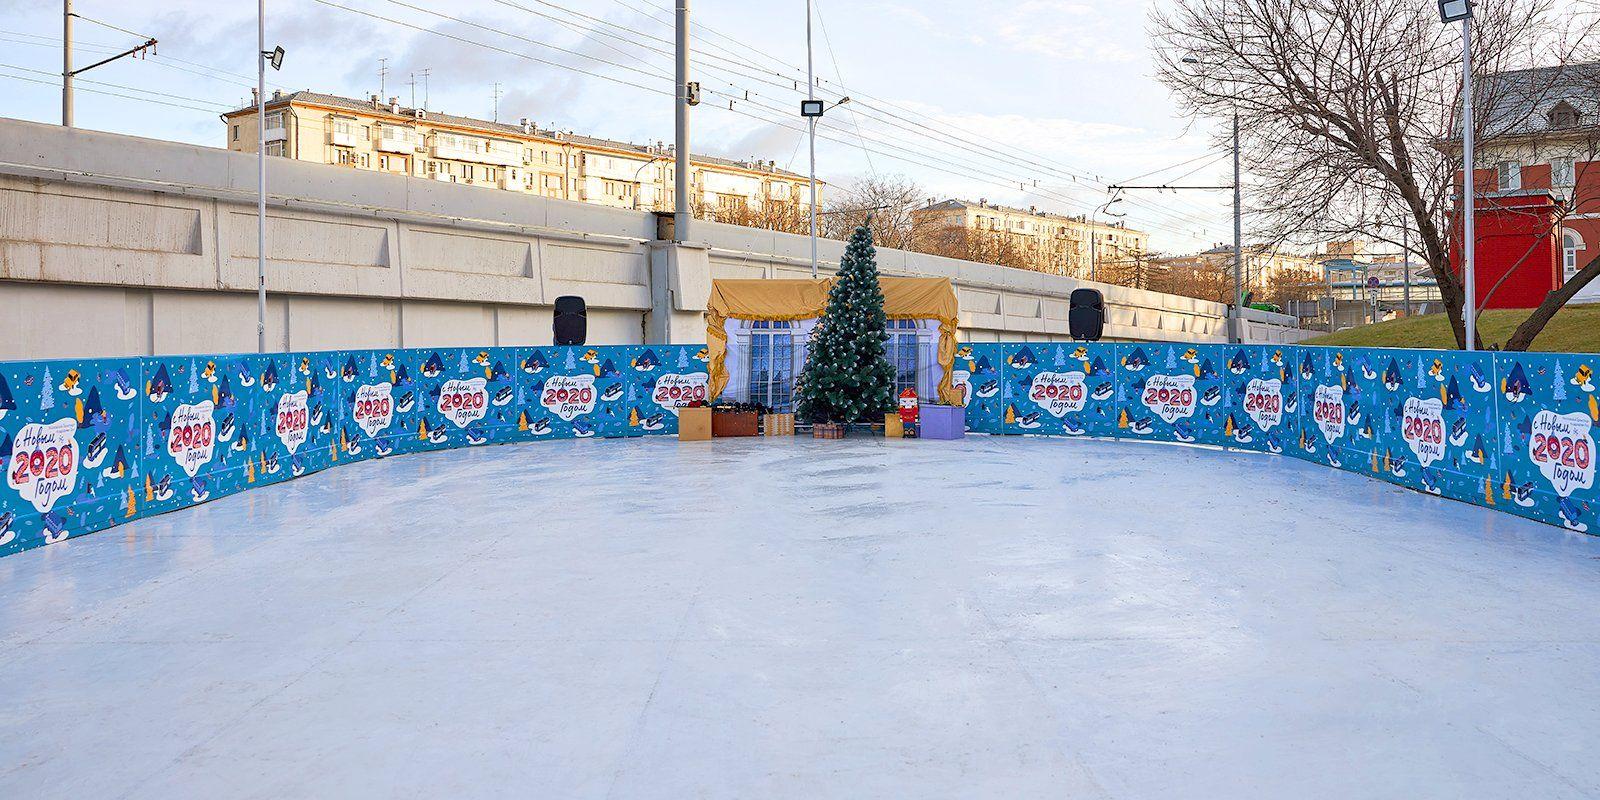 Бесплатный каток открыли около станций метро в Москве